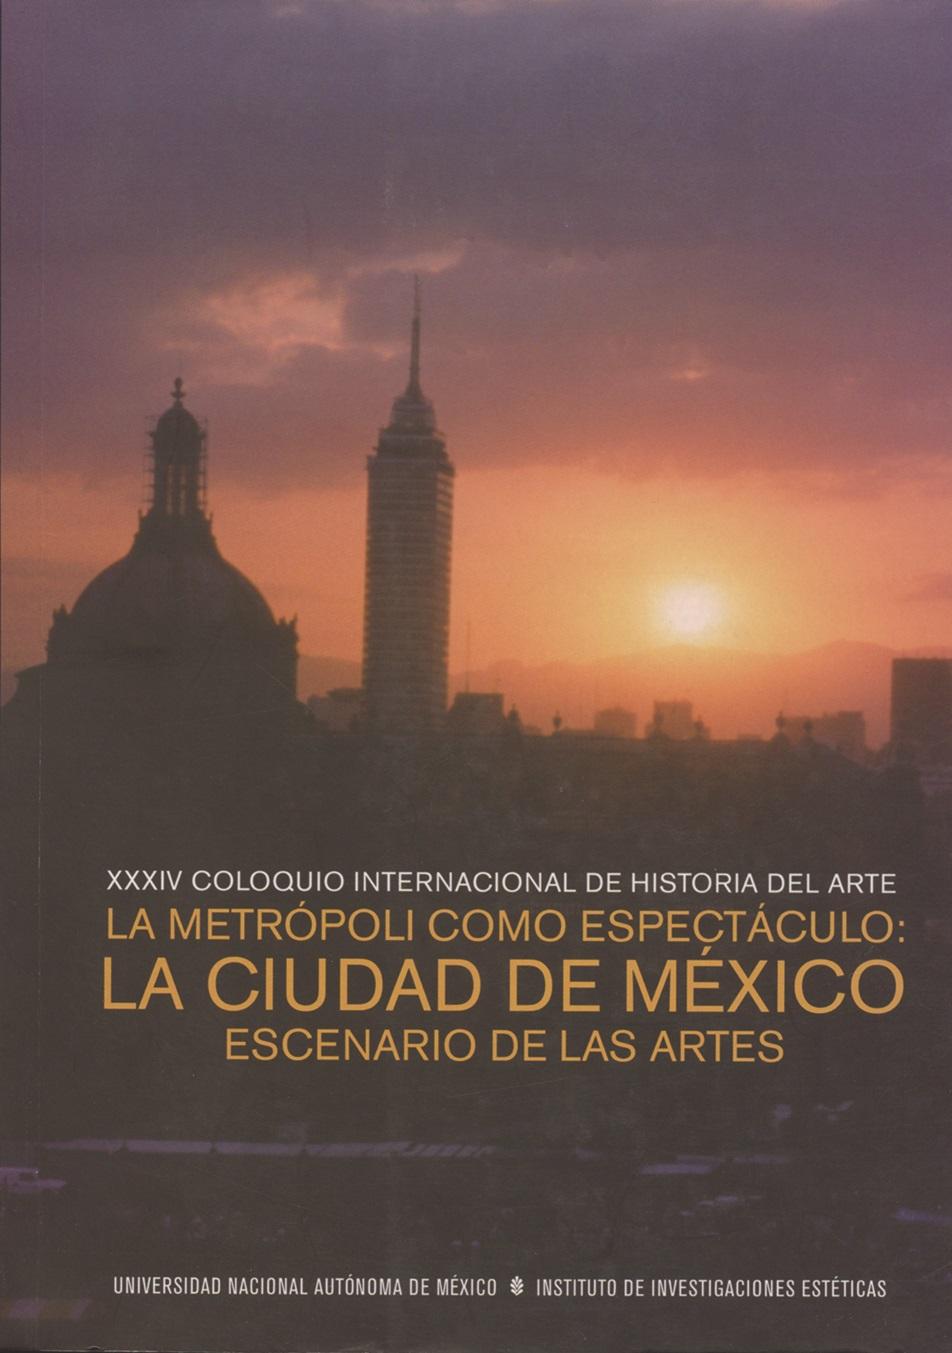 XXXIV Coloquio Internacional de Historia del Arte la metrópoli como espectáculo. La Ciudad de México, escenario de las artes